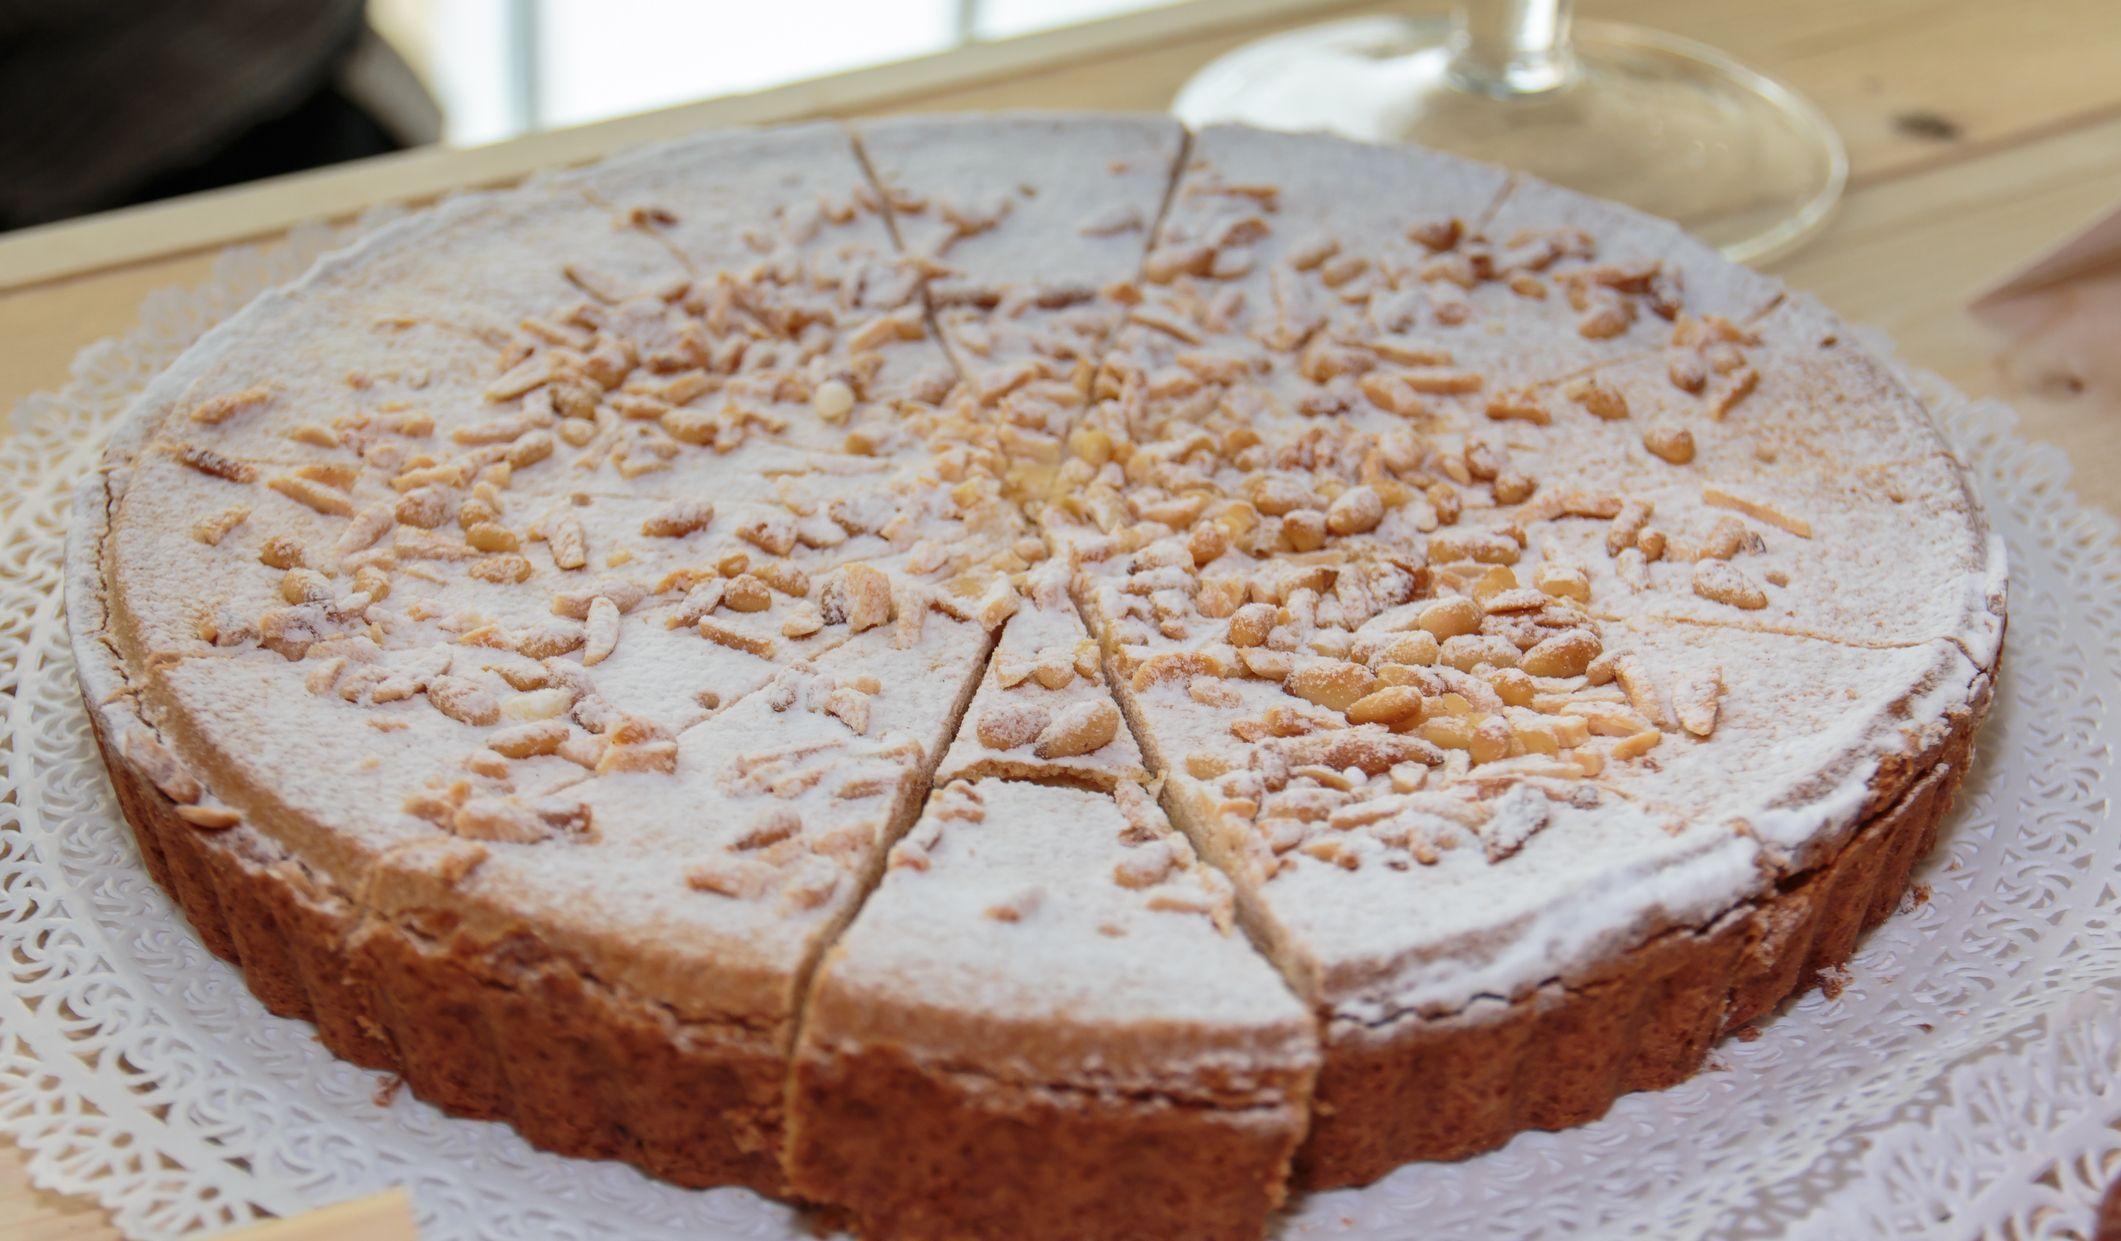 La torta della nonna è la ricetta dolce e delicata che vi farà tornare subito bambini, e si prepara così